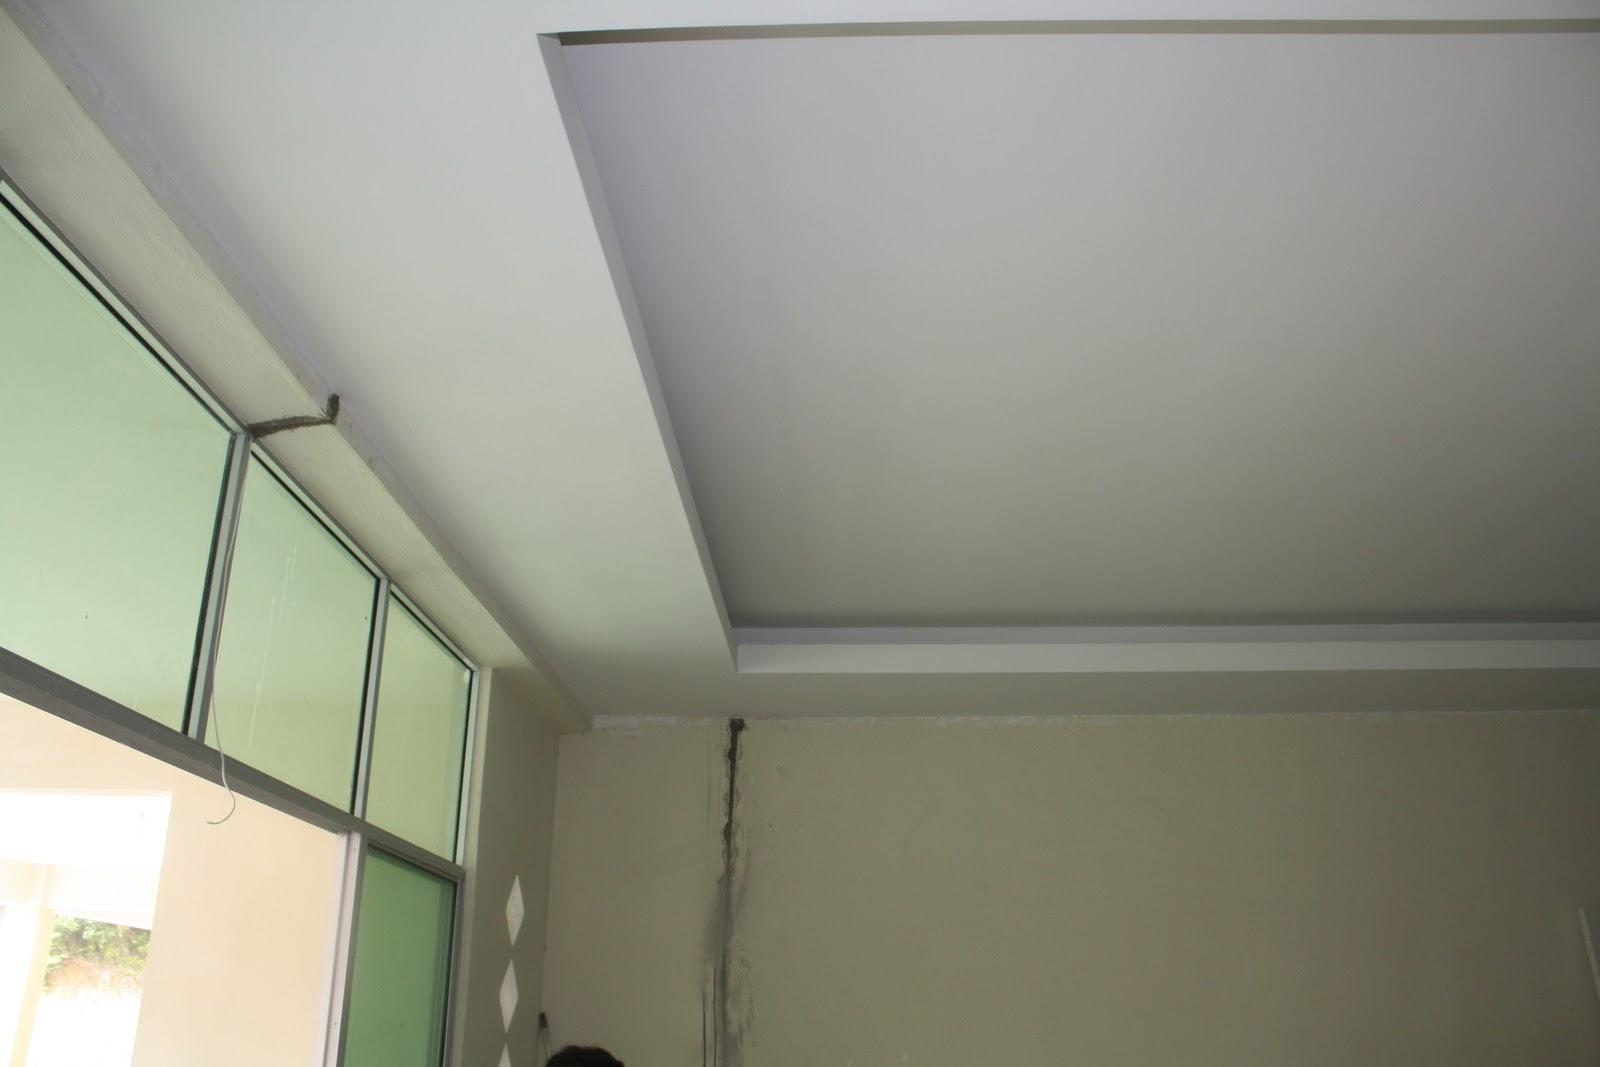 kontraktor pemasangan plaster siling di taman nelly 8 inanam sabah